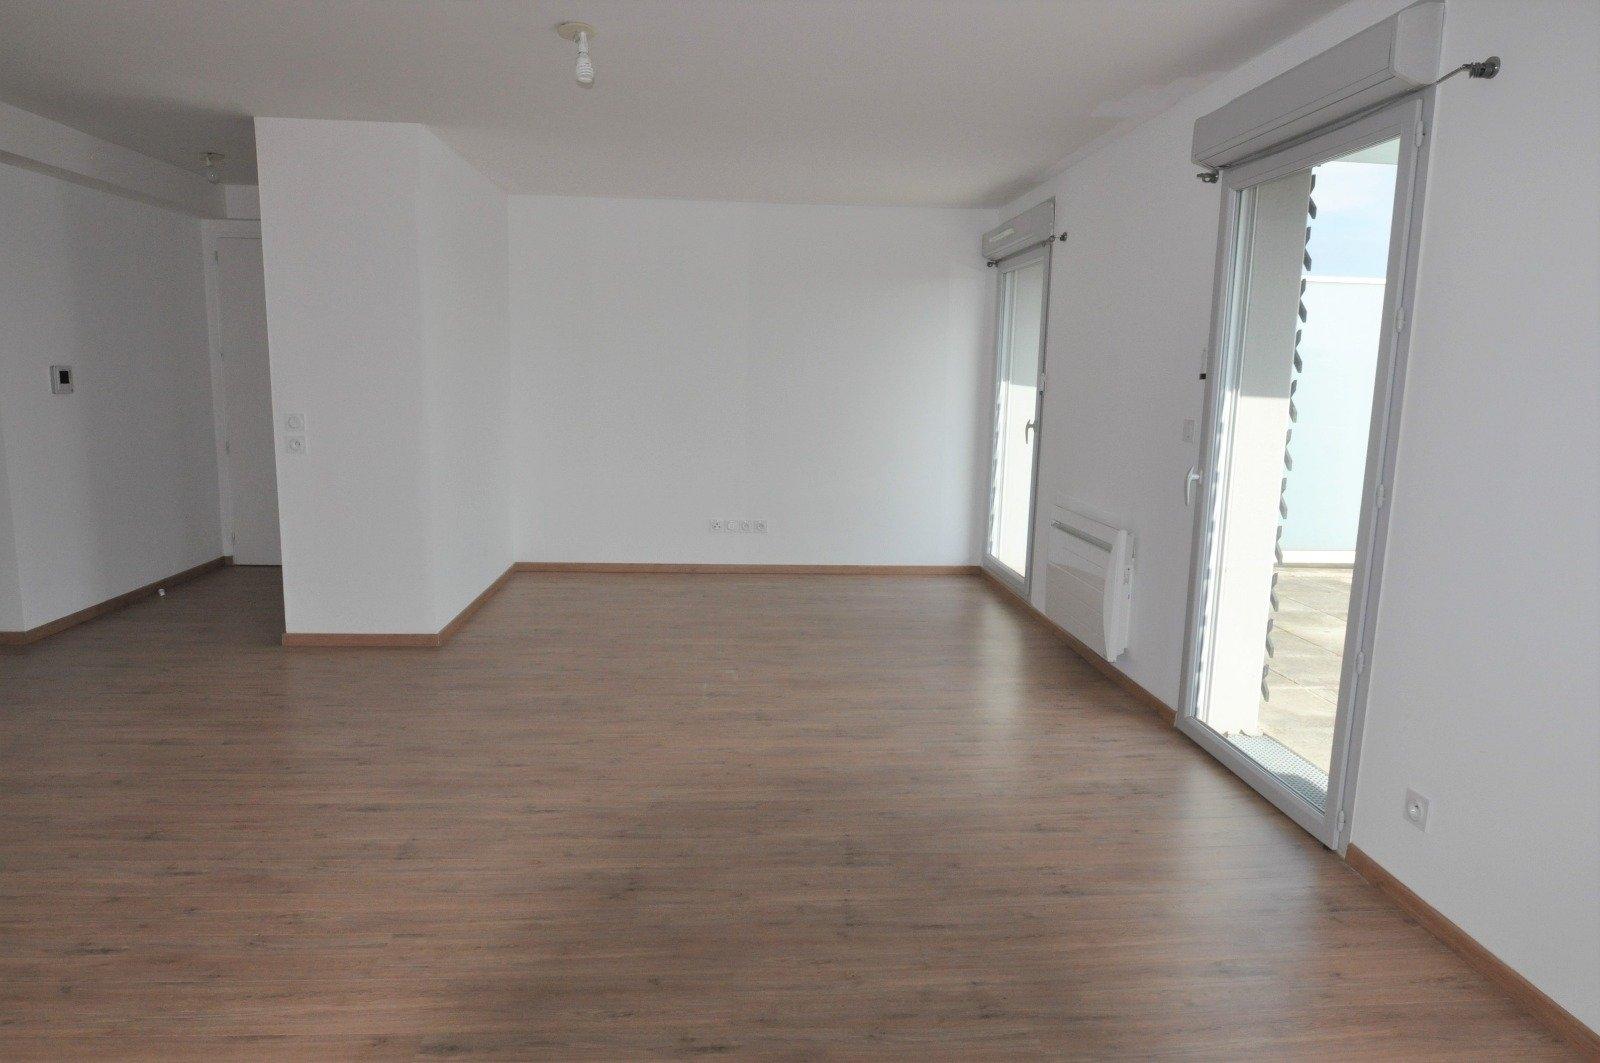 Appartement Reims 4 Pièces 89.74 m2 - 2